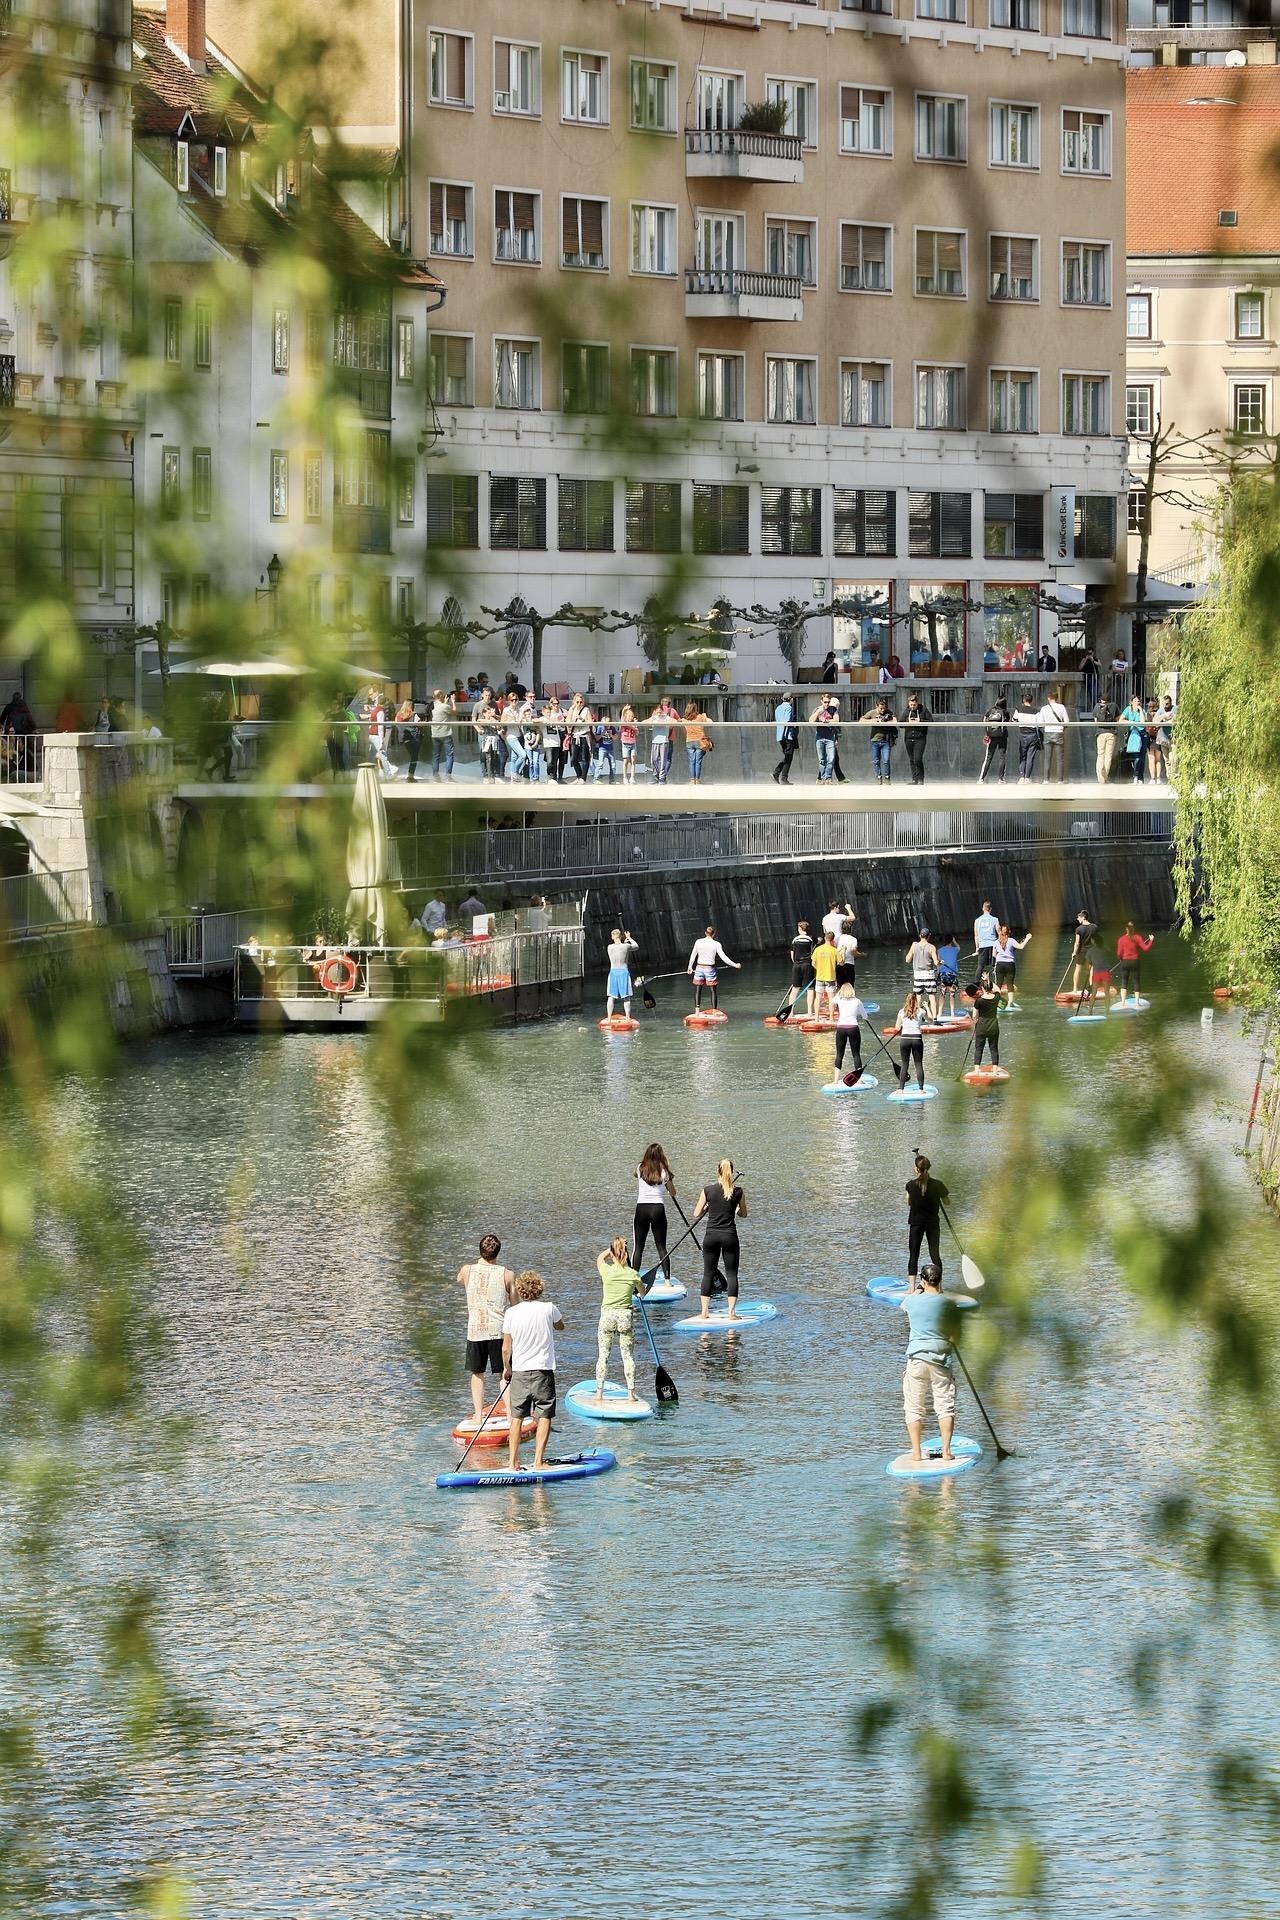 Der Fluss in Ljubljana ist ein schönes Reiseziel für einen Städtetrip in Europa